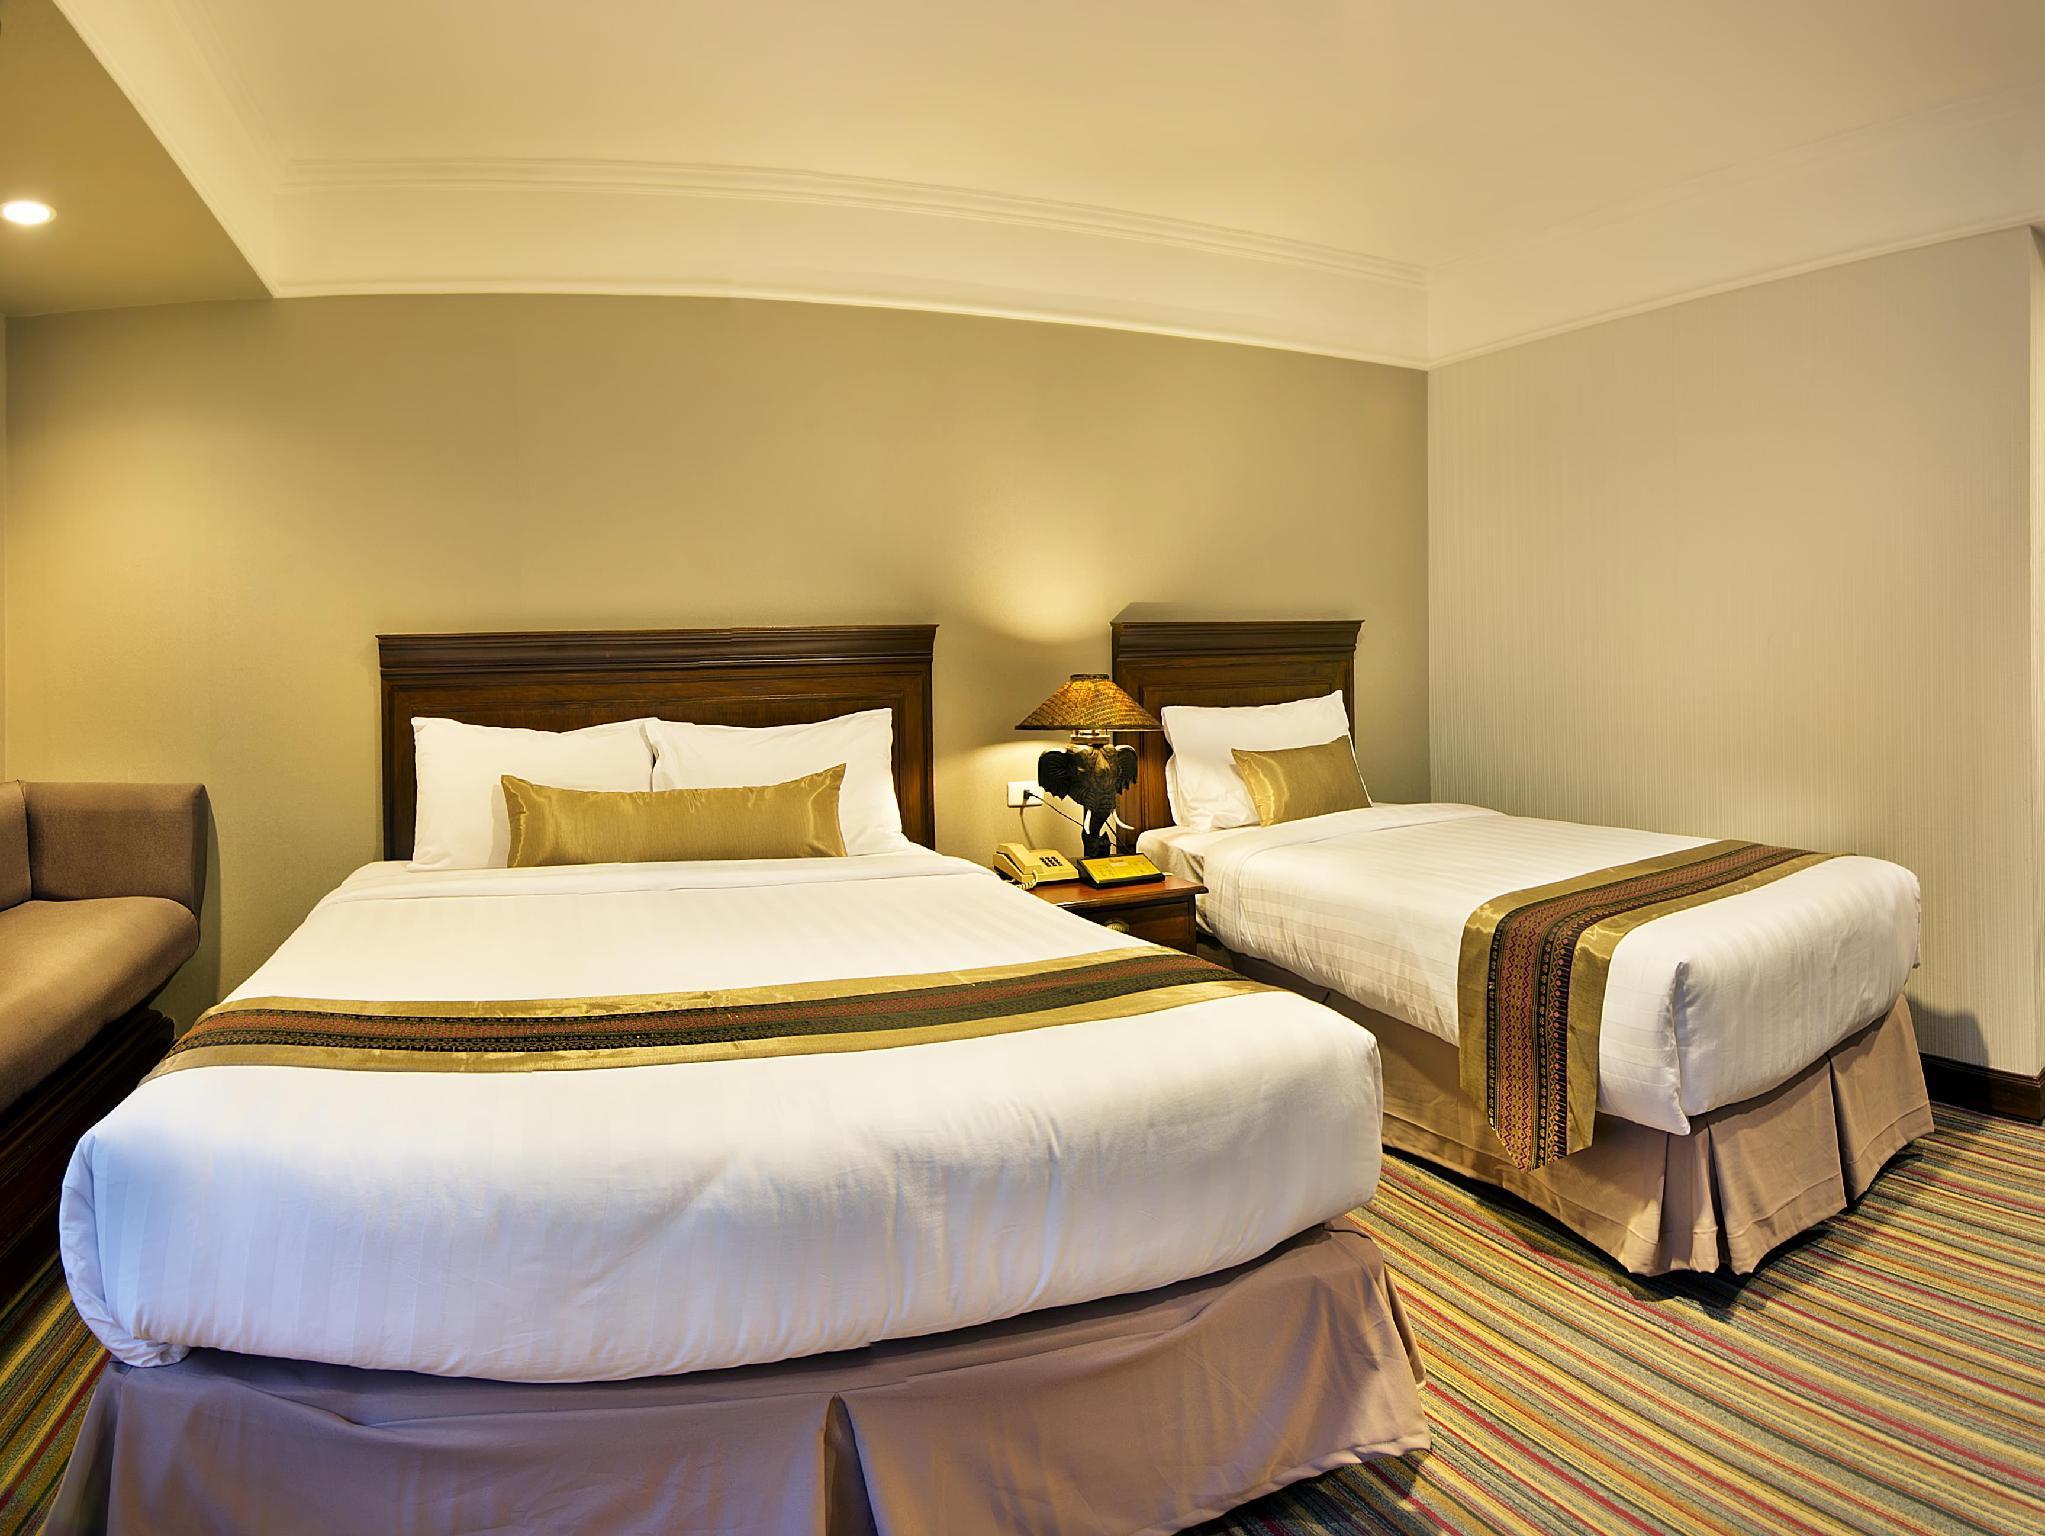 Royal Rattanakosin Hotel โรงแรมรอยัล รัตนโกสินทร์